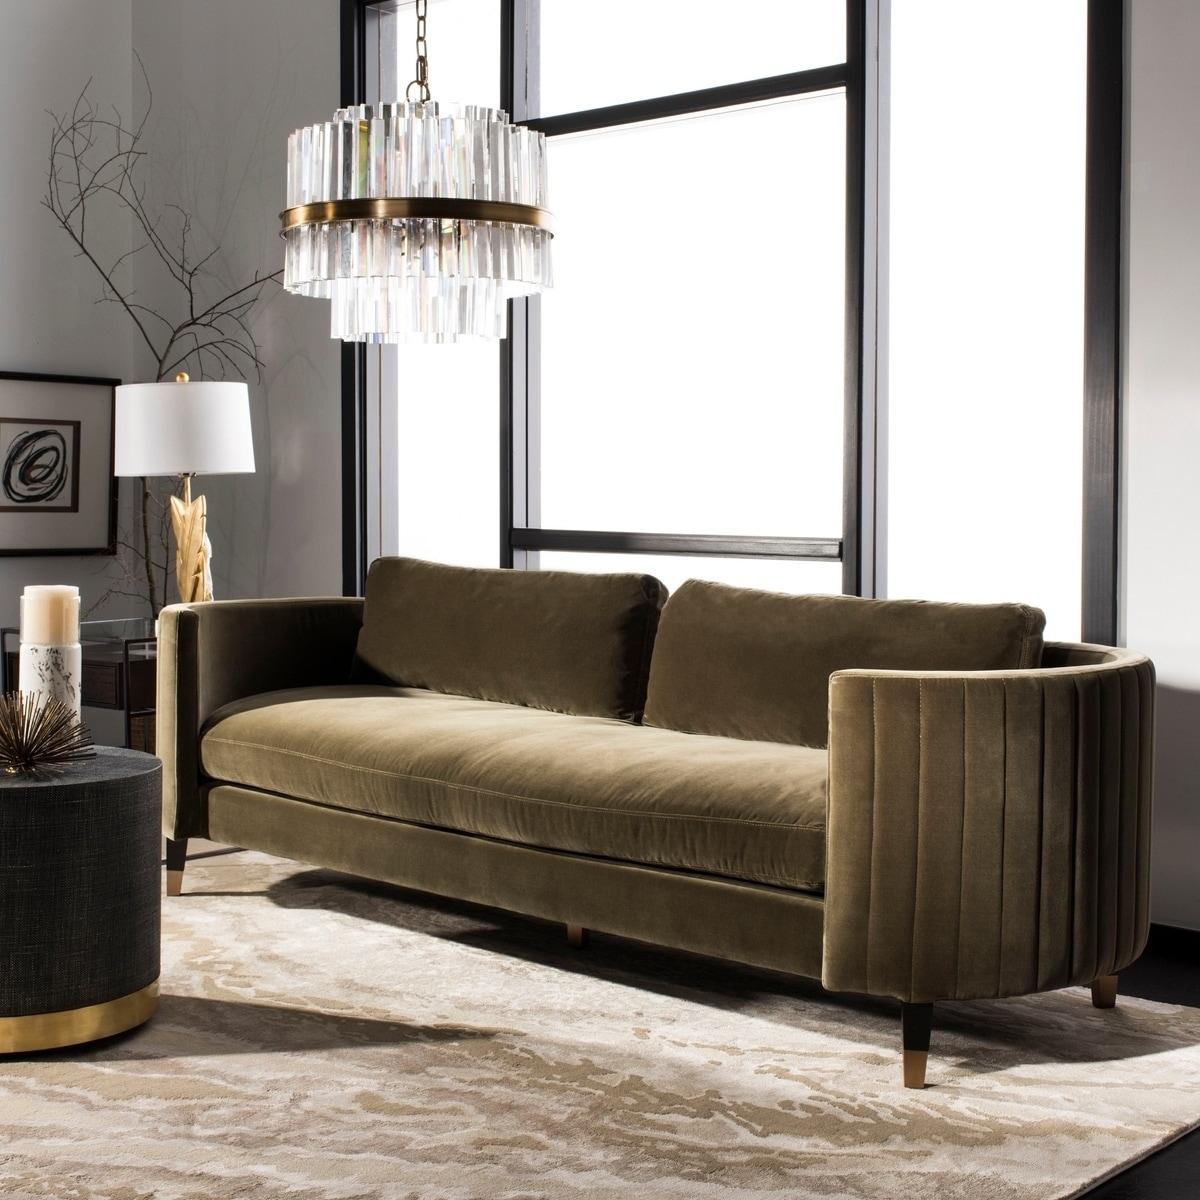 Safavieh Couture Winford Olive Green Velvet Commercial Grade Sofa Overstock 22093367